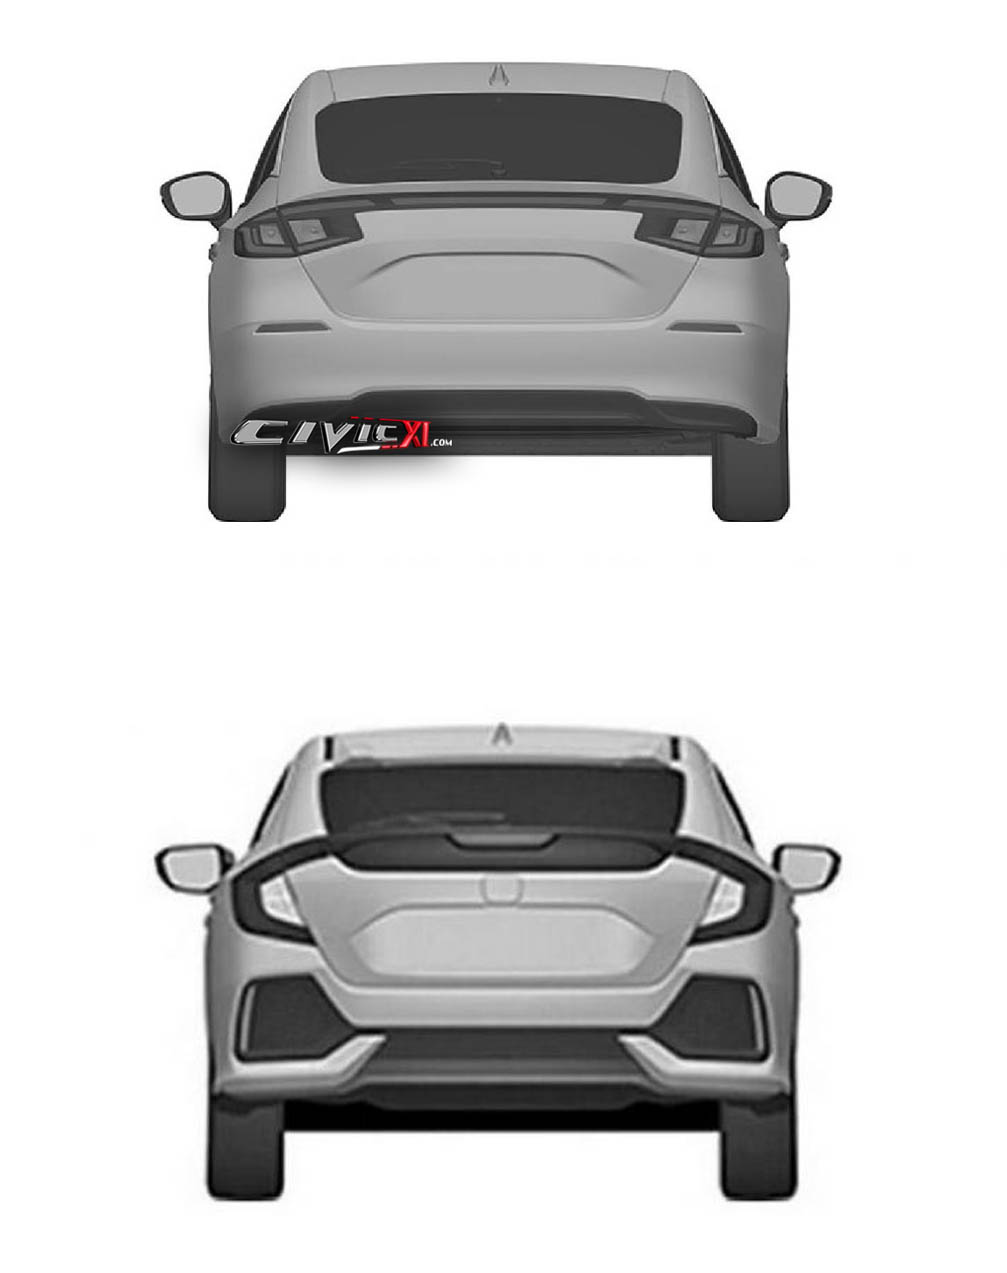 Next-Gen Honda Civic Hatchback Design Leaked In Trademark Filing 10